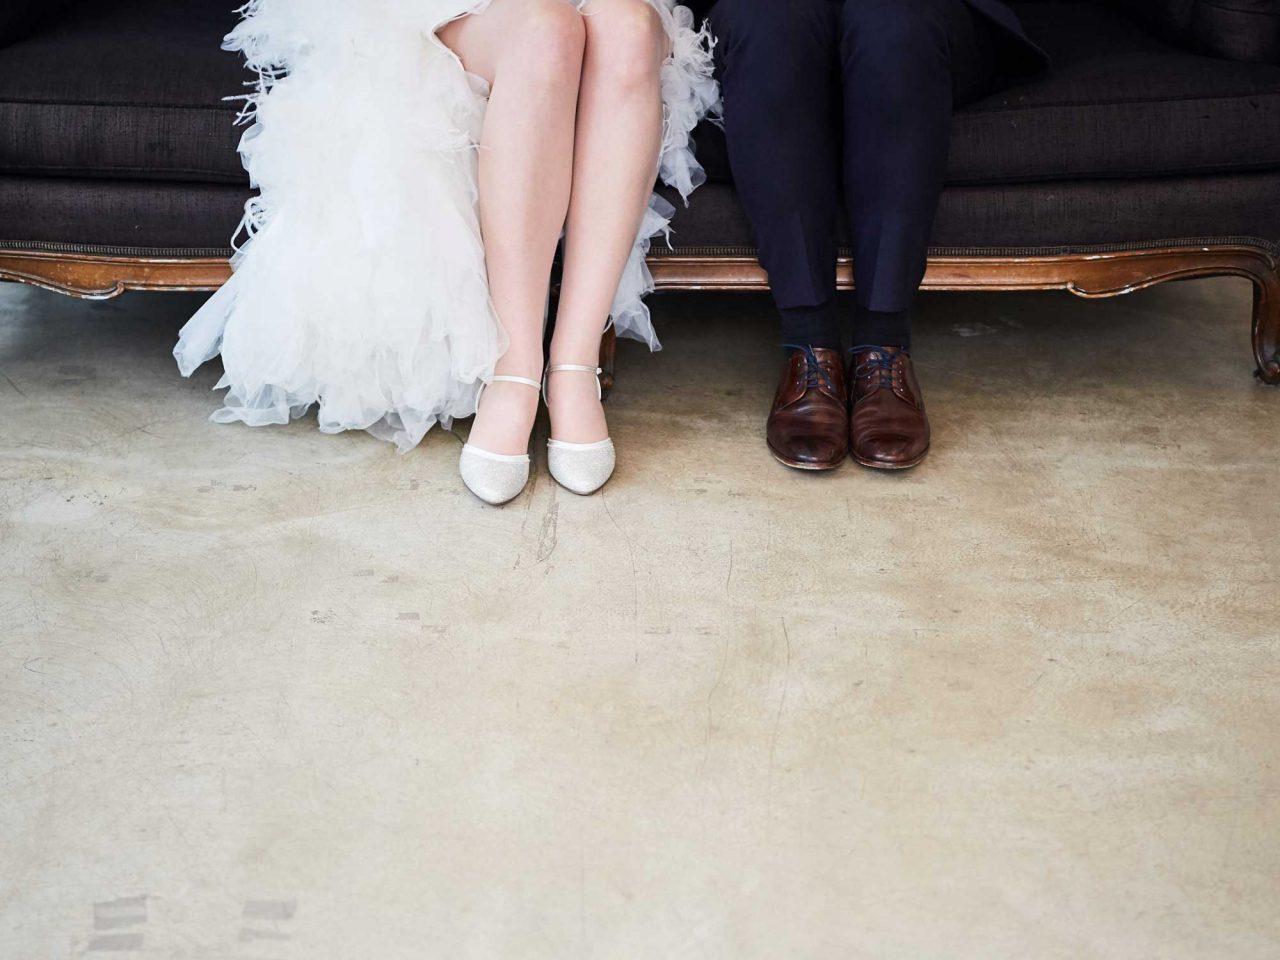 Hochzeitspaar auf Couch mit Tanzschuhen